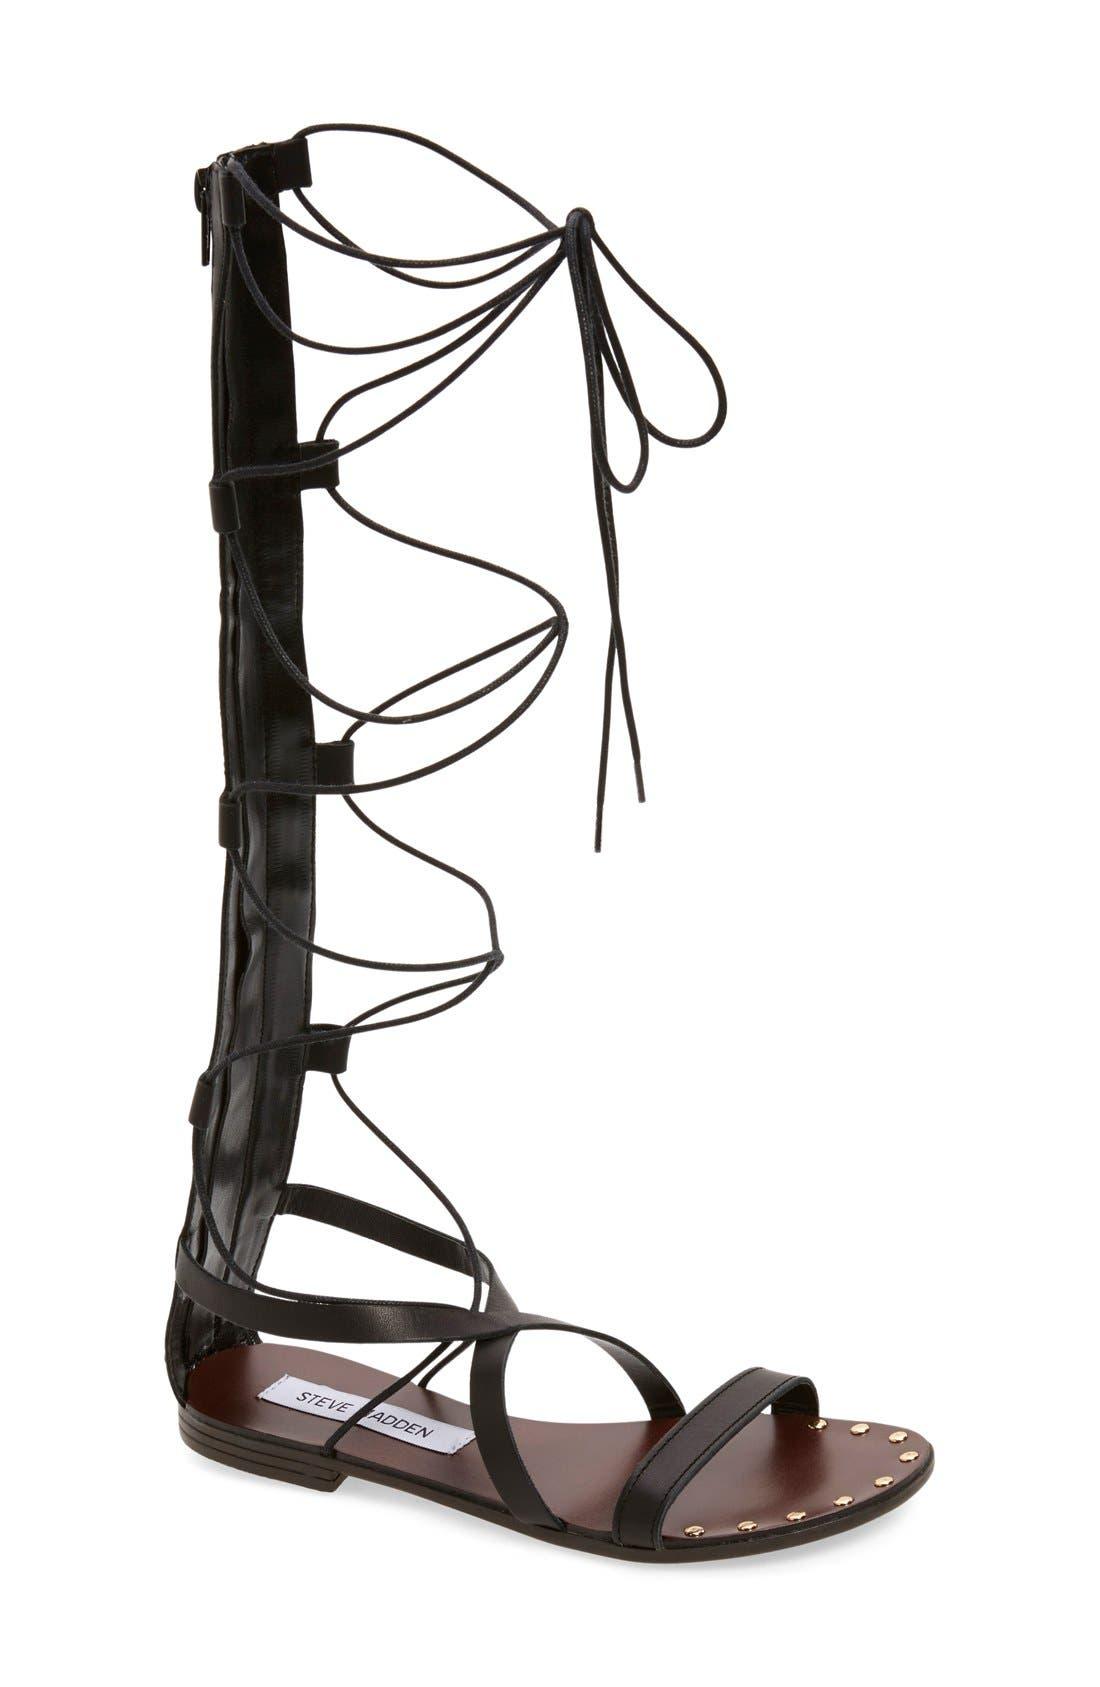 Main Image - Steve Madden 'Justeen' Tall Gladiator Sandal (Women)